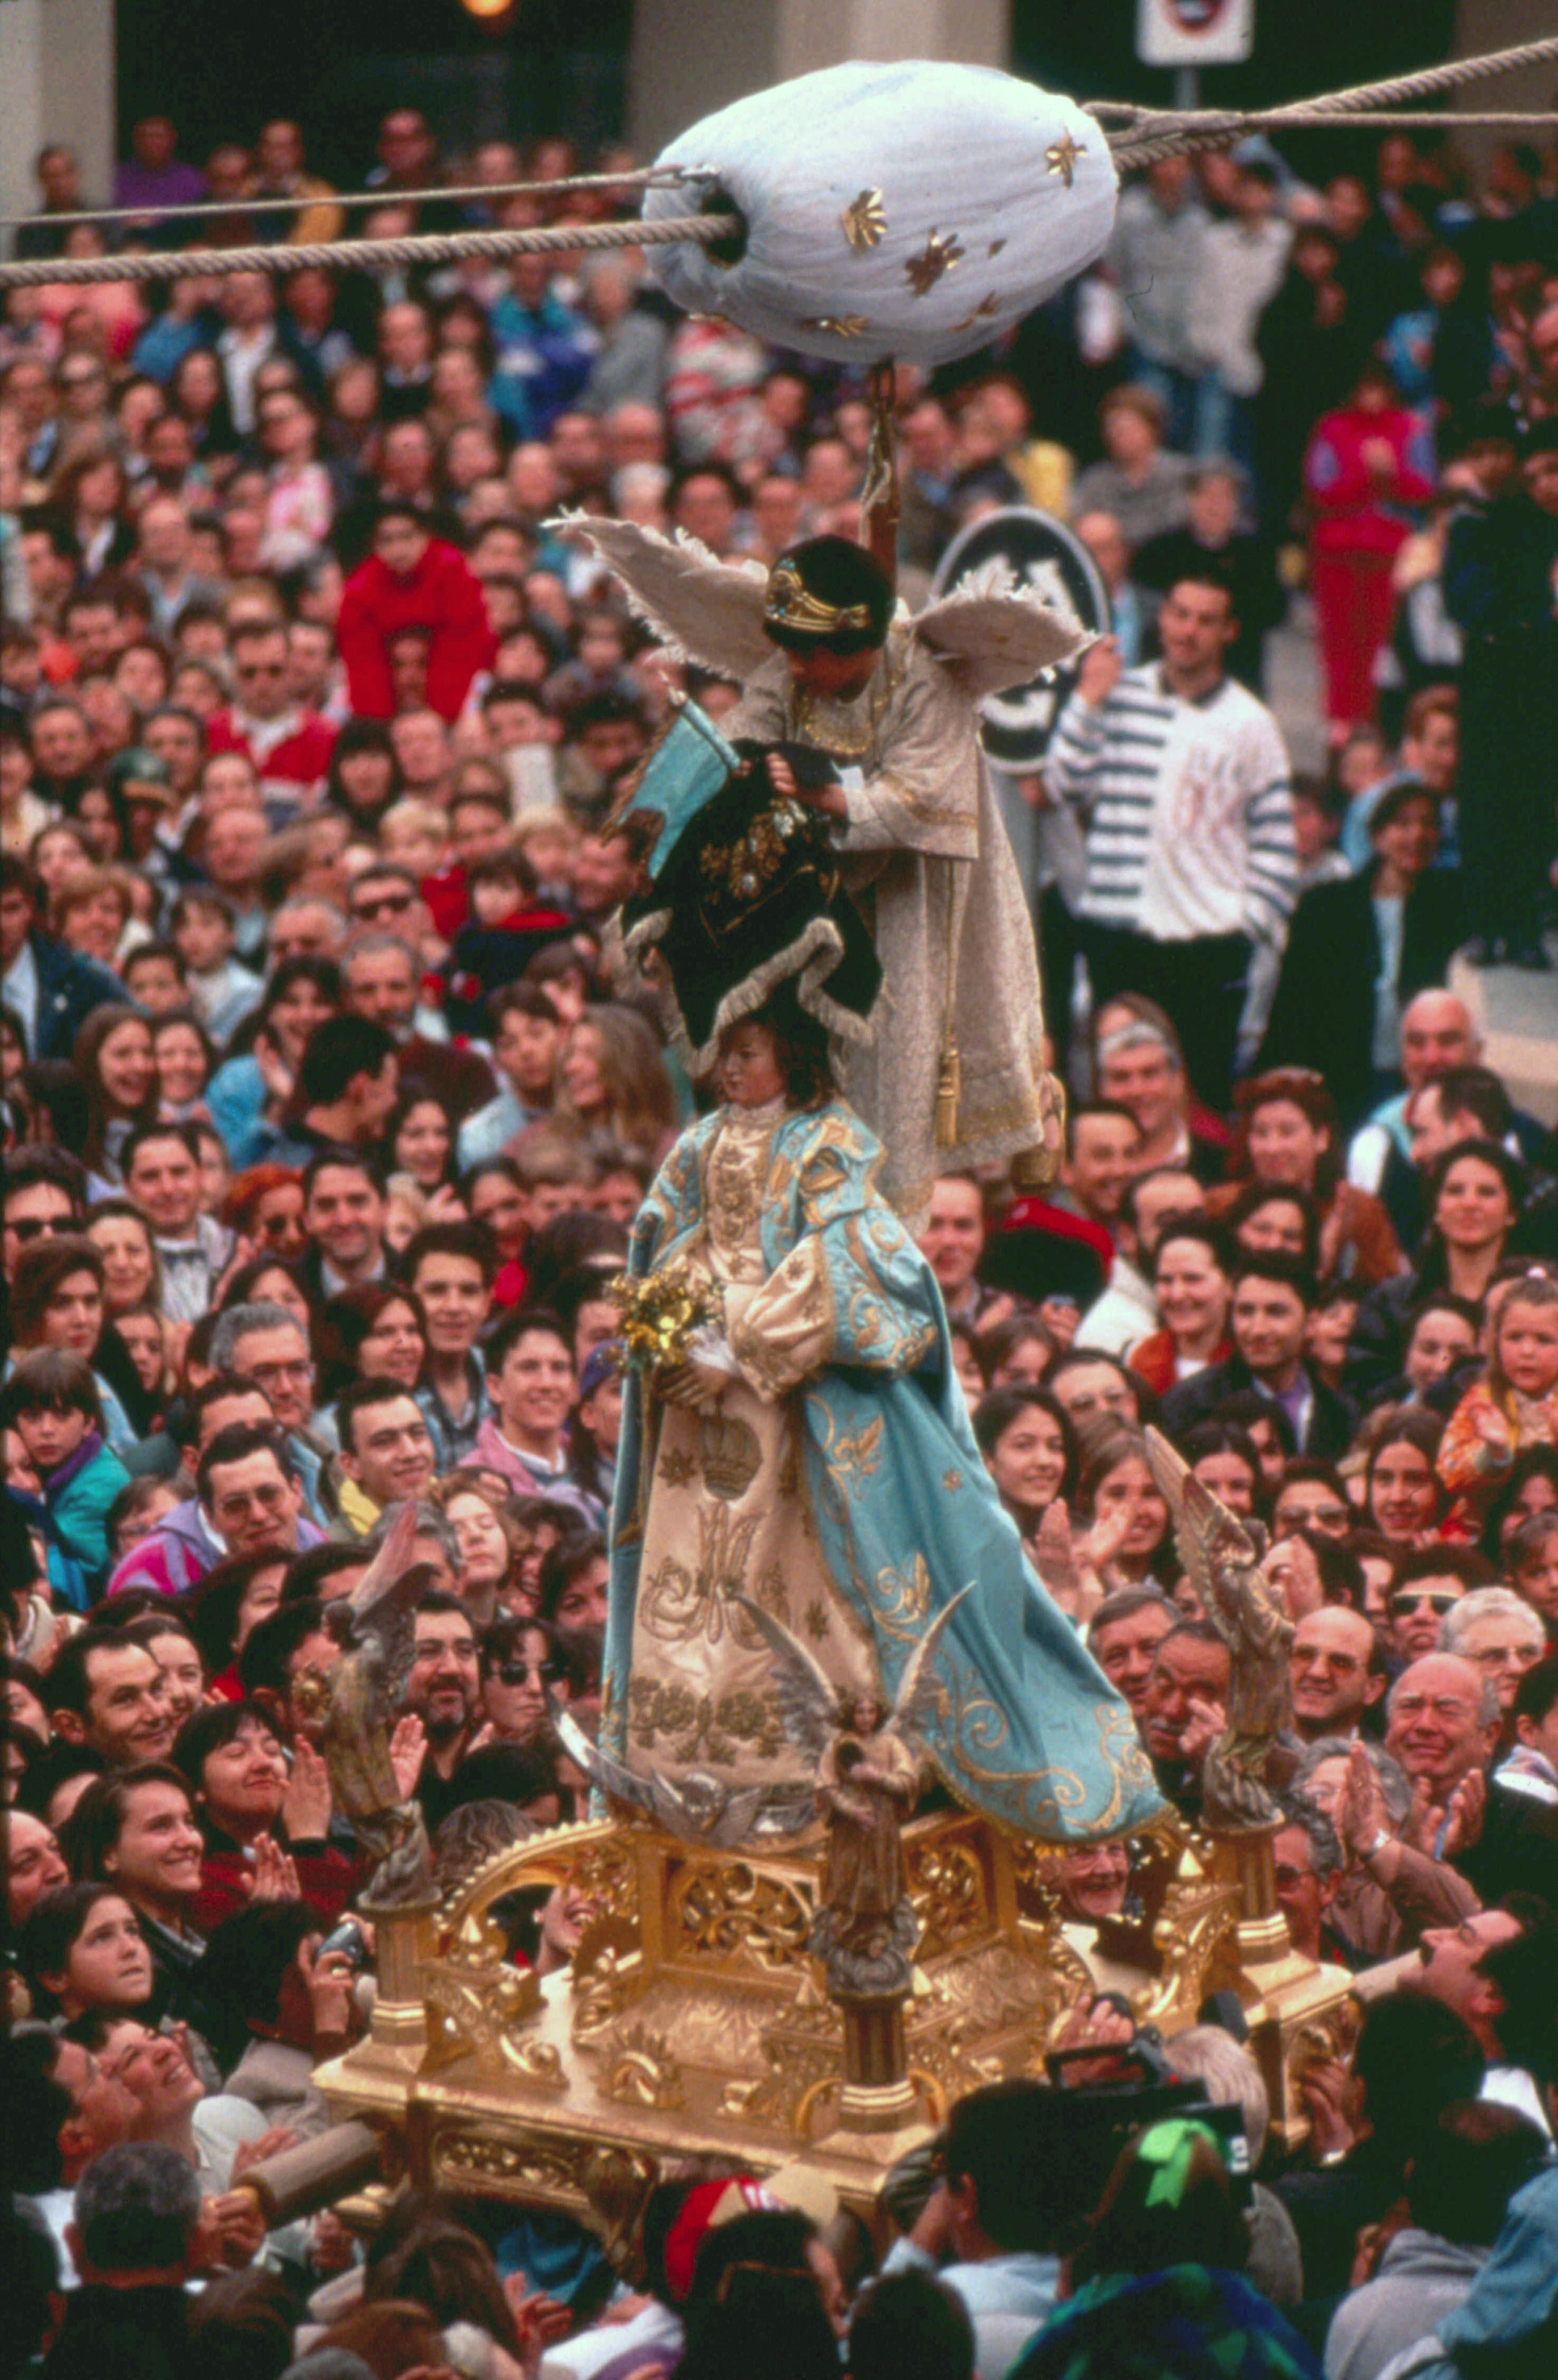 Bajada del Ángel. Fotografía de Ángel Larrion y Pimoulier, cedida por el Archivo de Turismo 'Reyno de Navarra' .